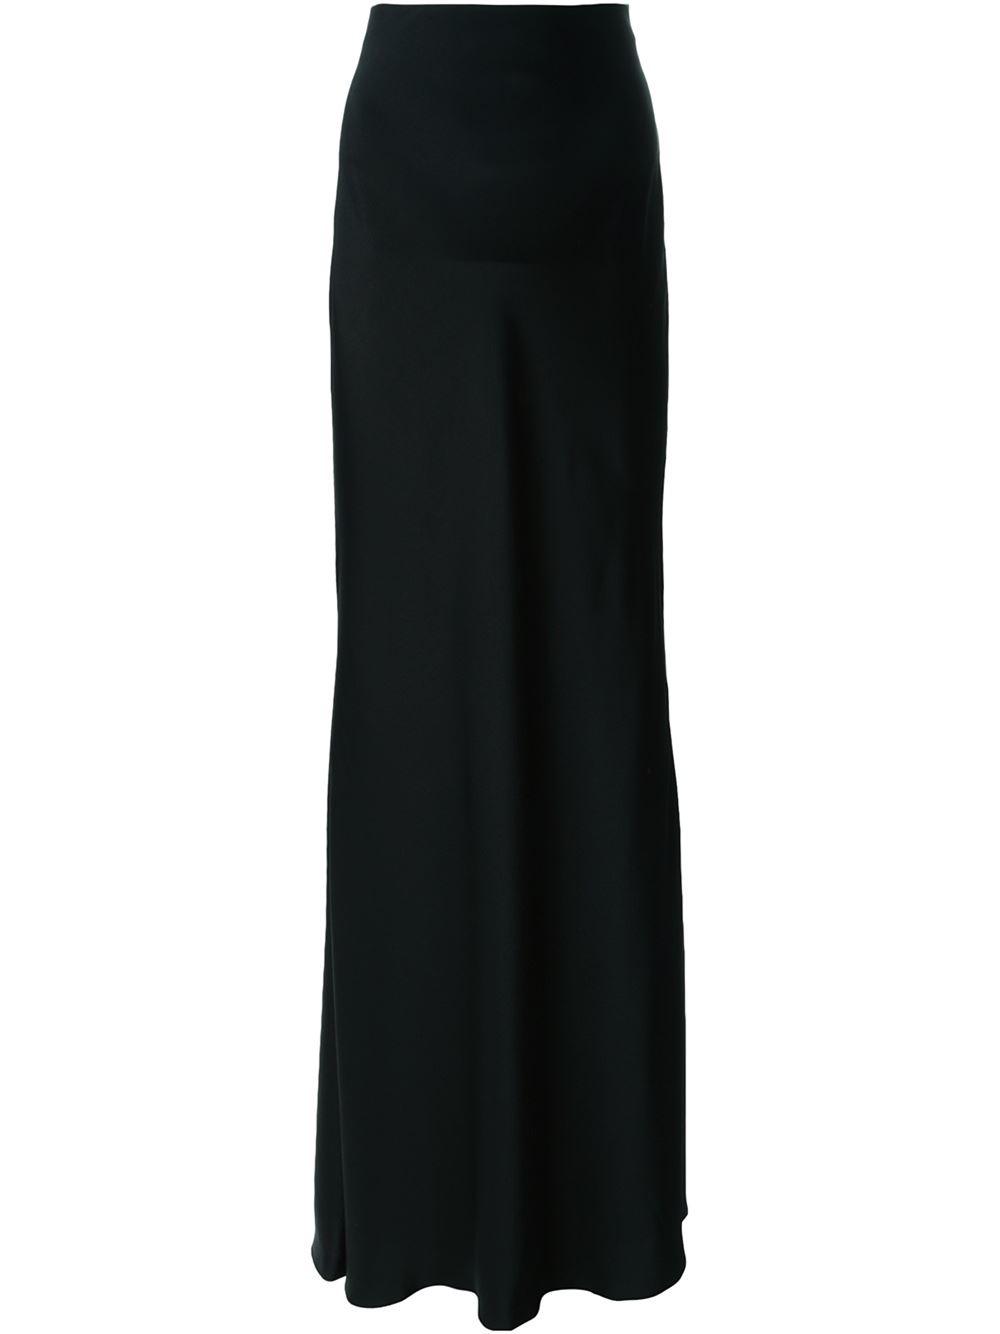 mcqueen black high waisted maxi skirt lyst